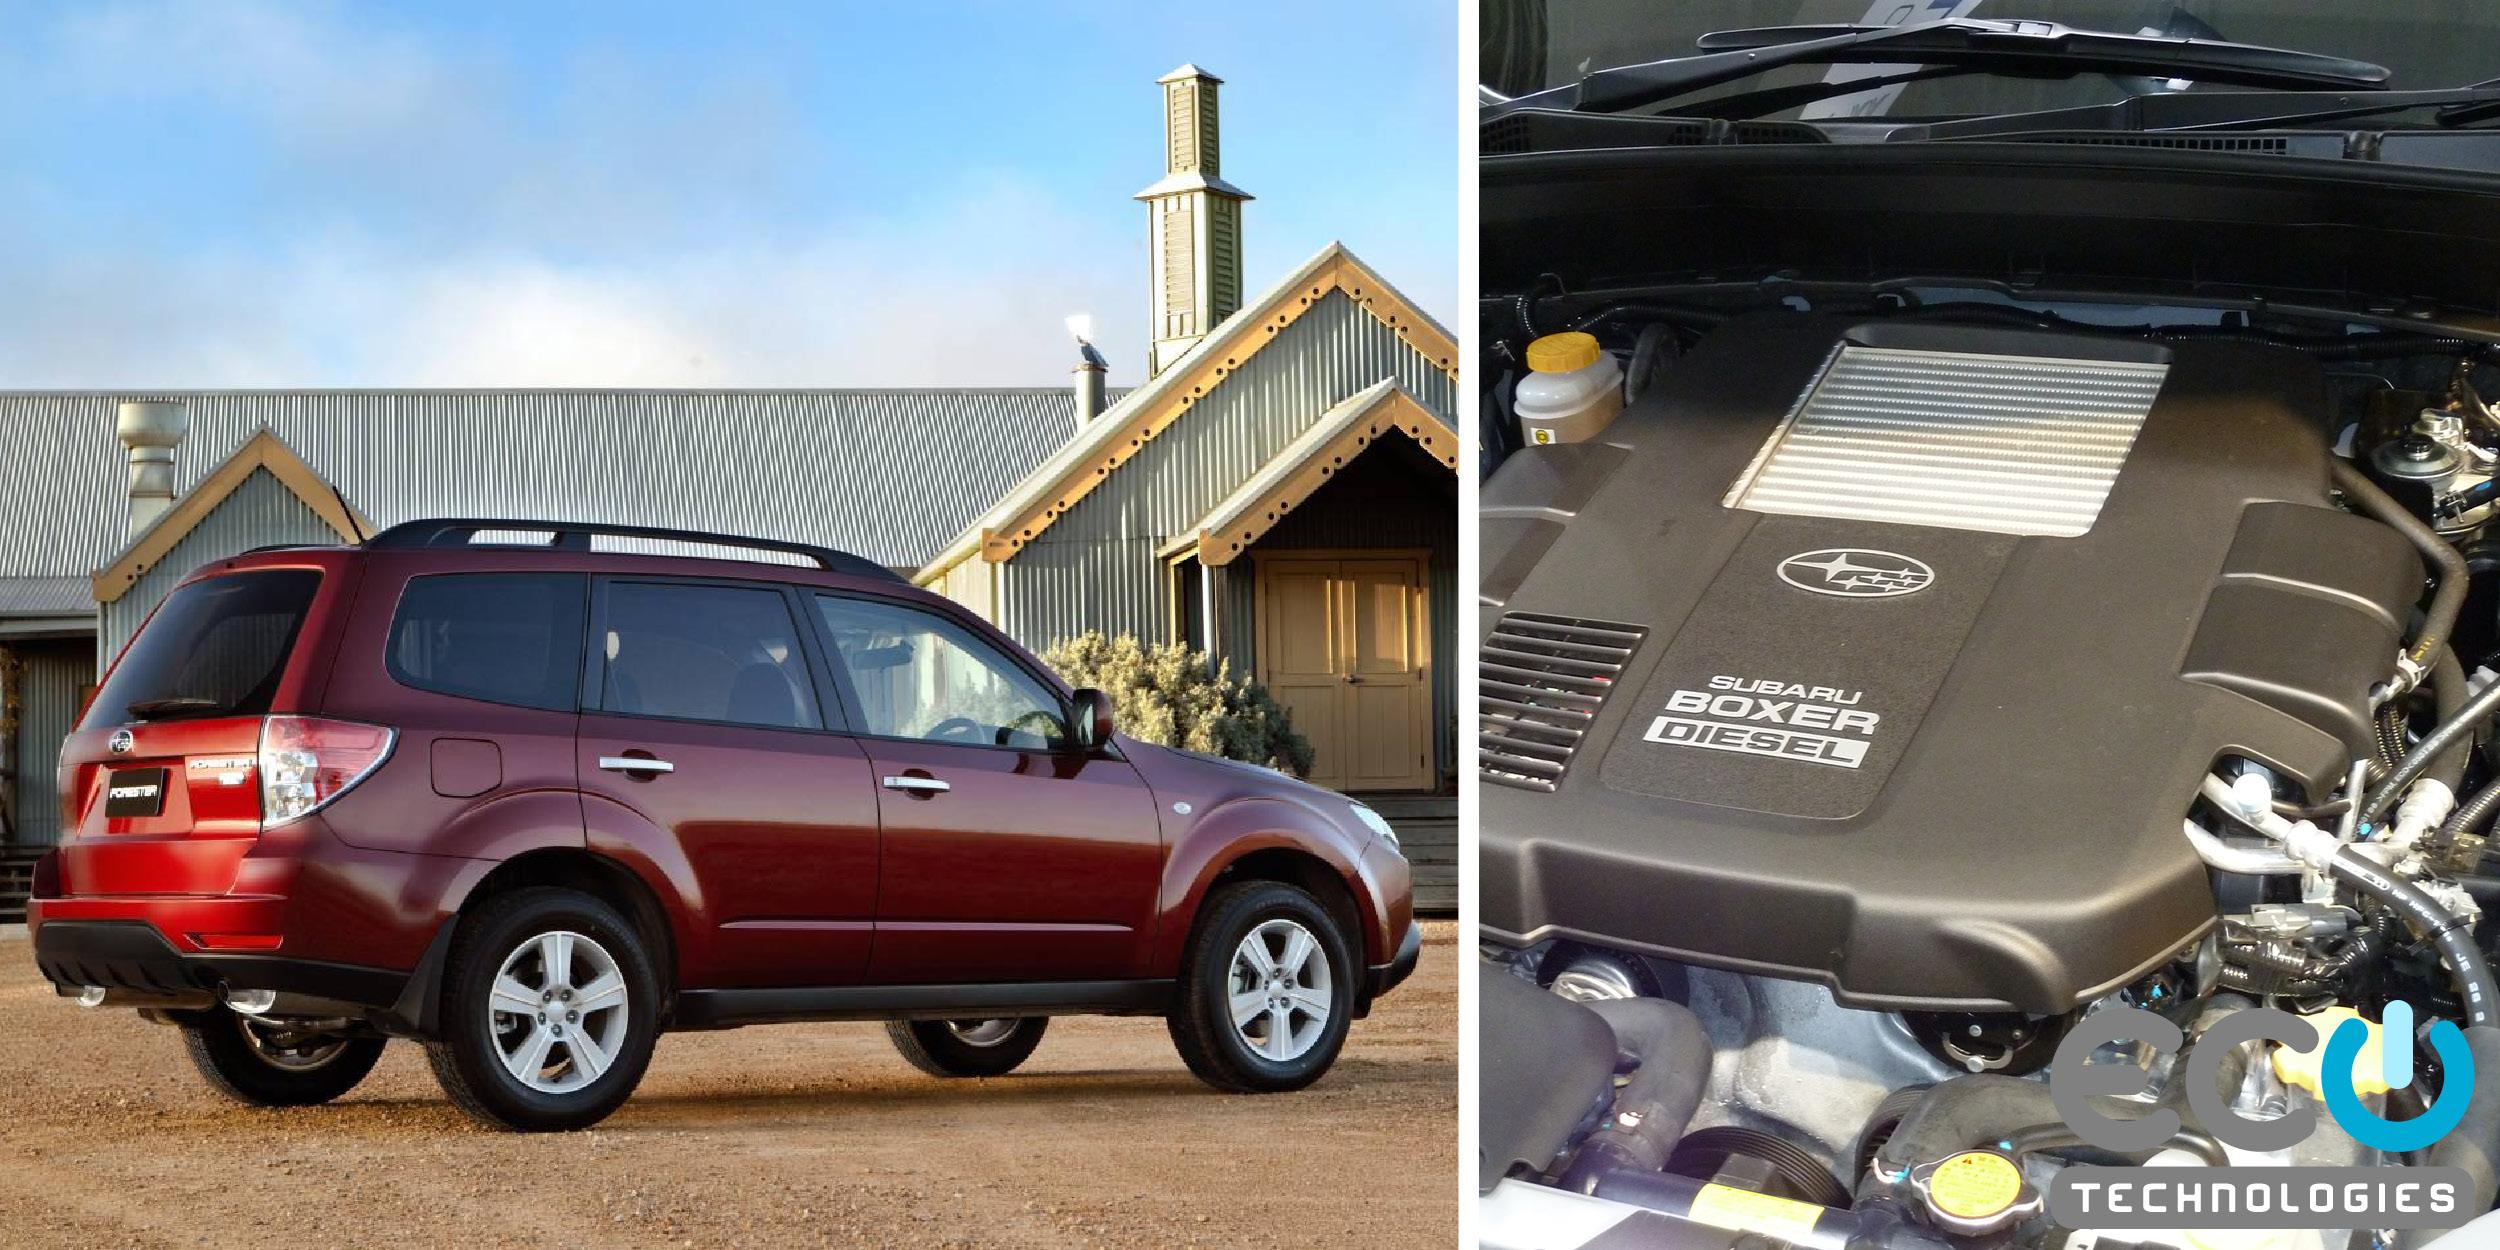 Diesel Particulate Filter Removal | Ecu Technologies - ECU